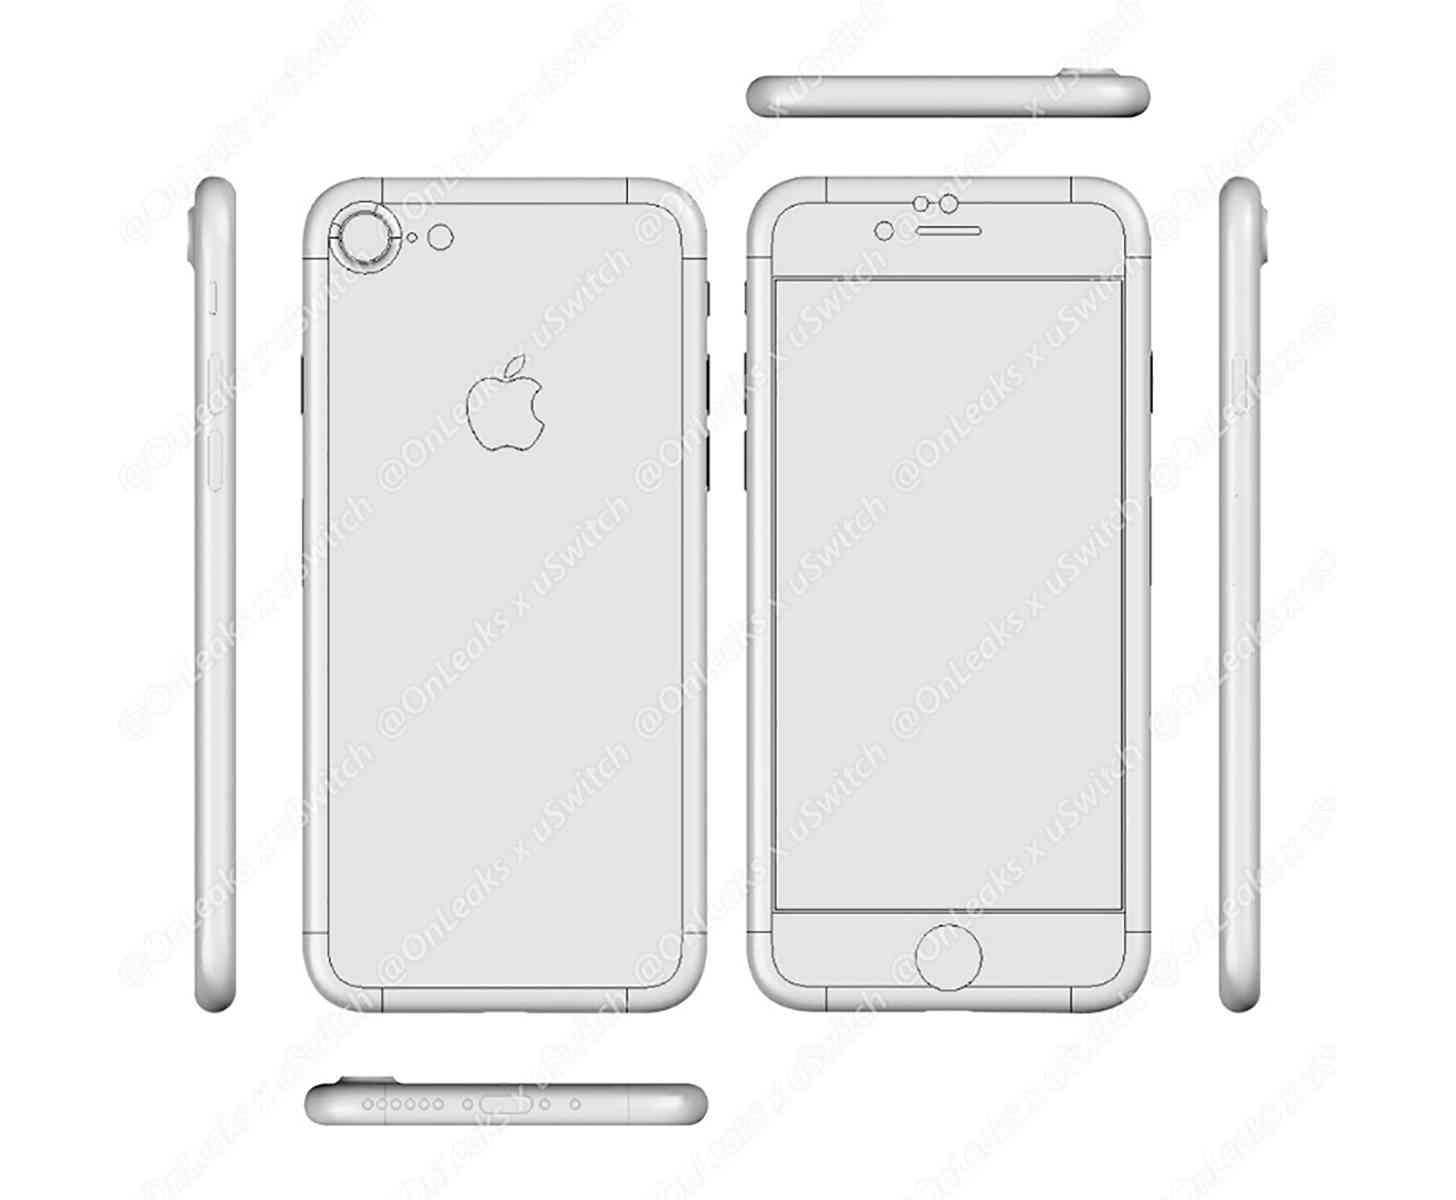 iPhone 7 factory CAD leak